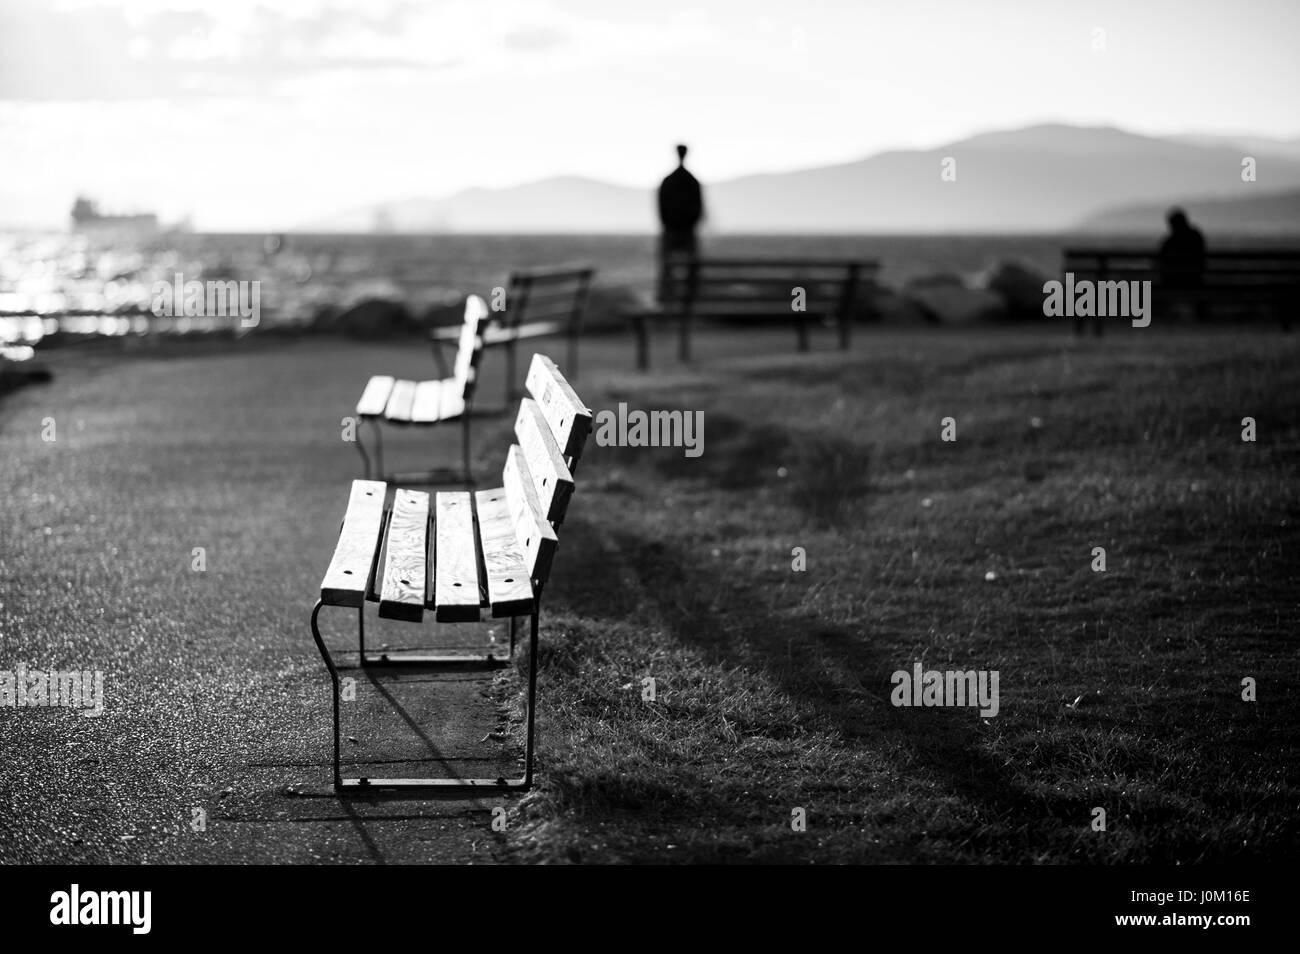 Uno blurrred silueteado hombre parado mirando hacia el océano, otro sobre un banco. Imagen De Stock